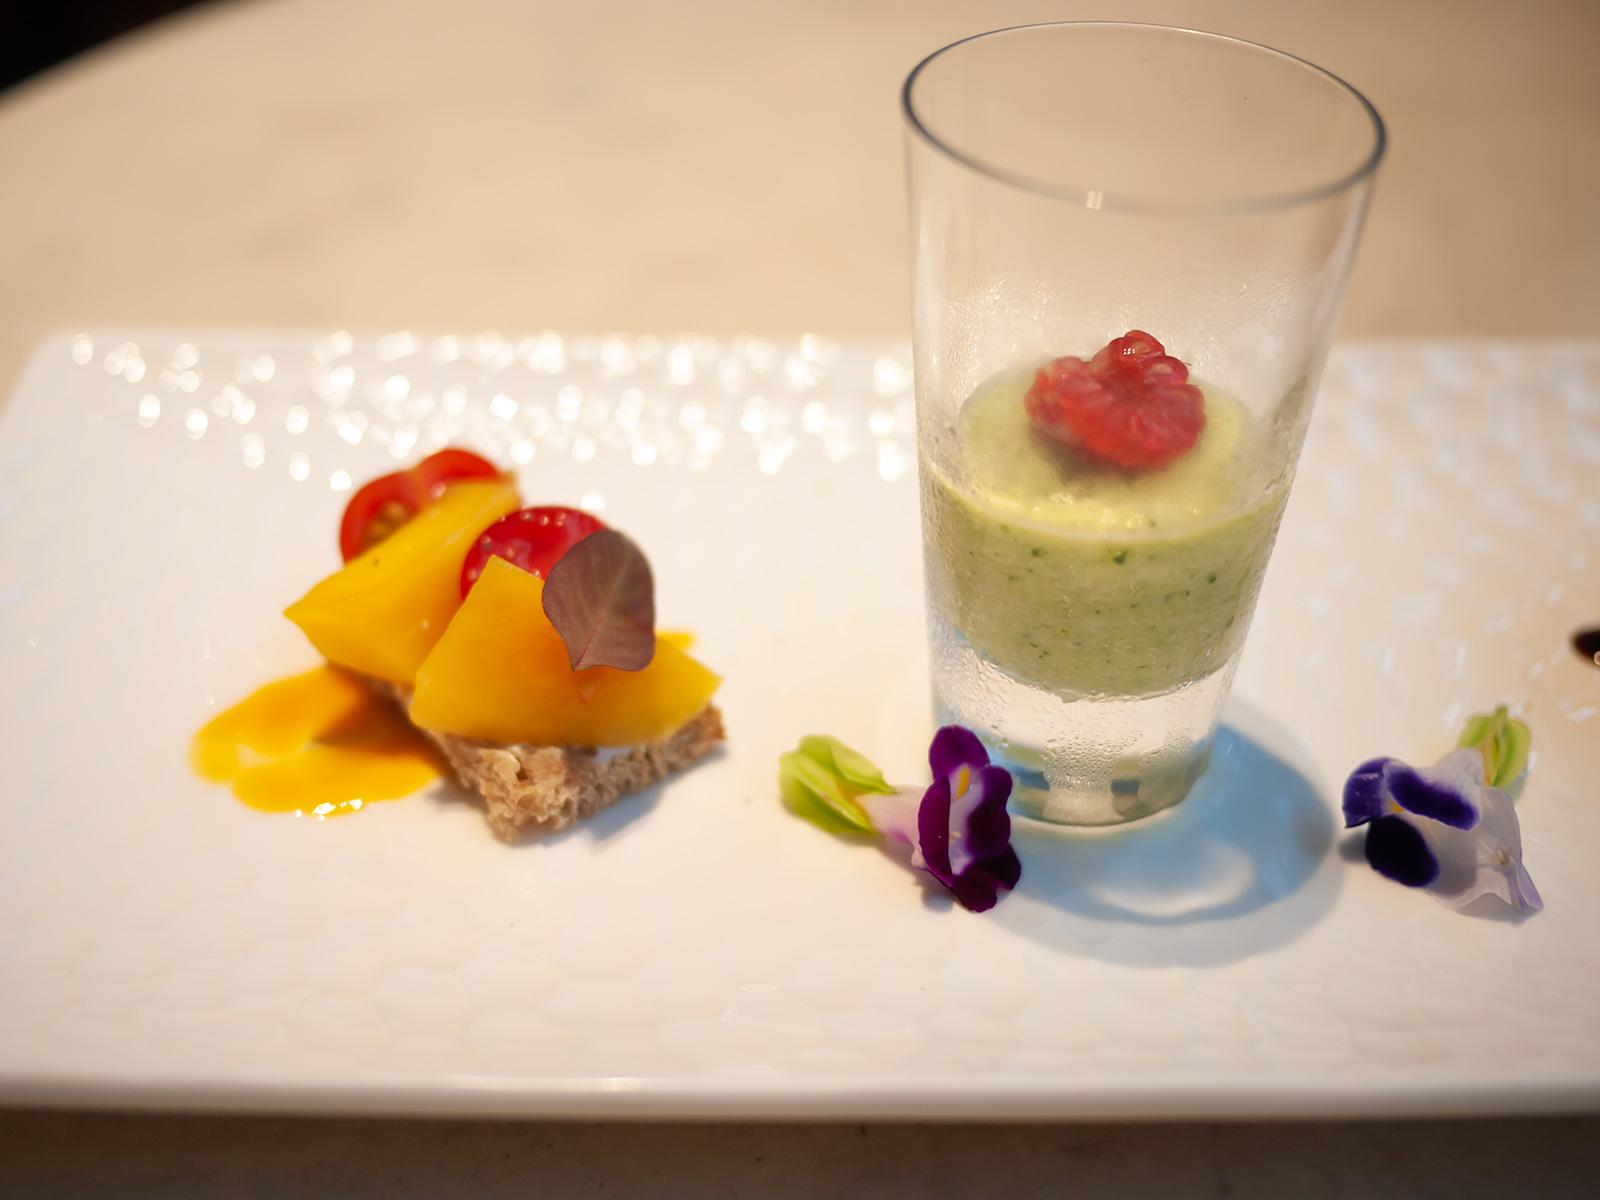 豆乳とズッキーニのムース、マスカルポーネにマンゴーとトマトを載せたタルティーヌ